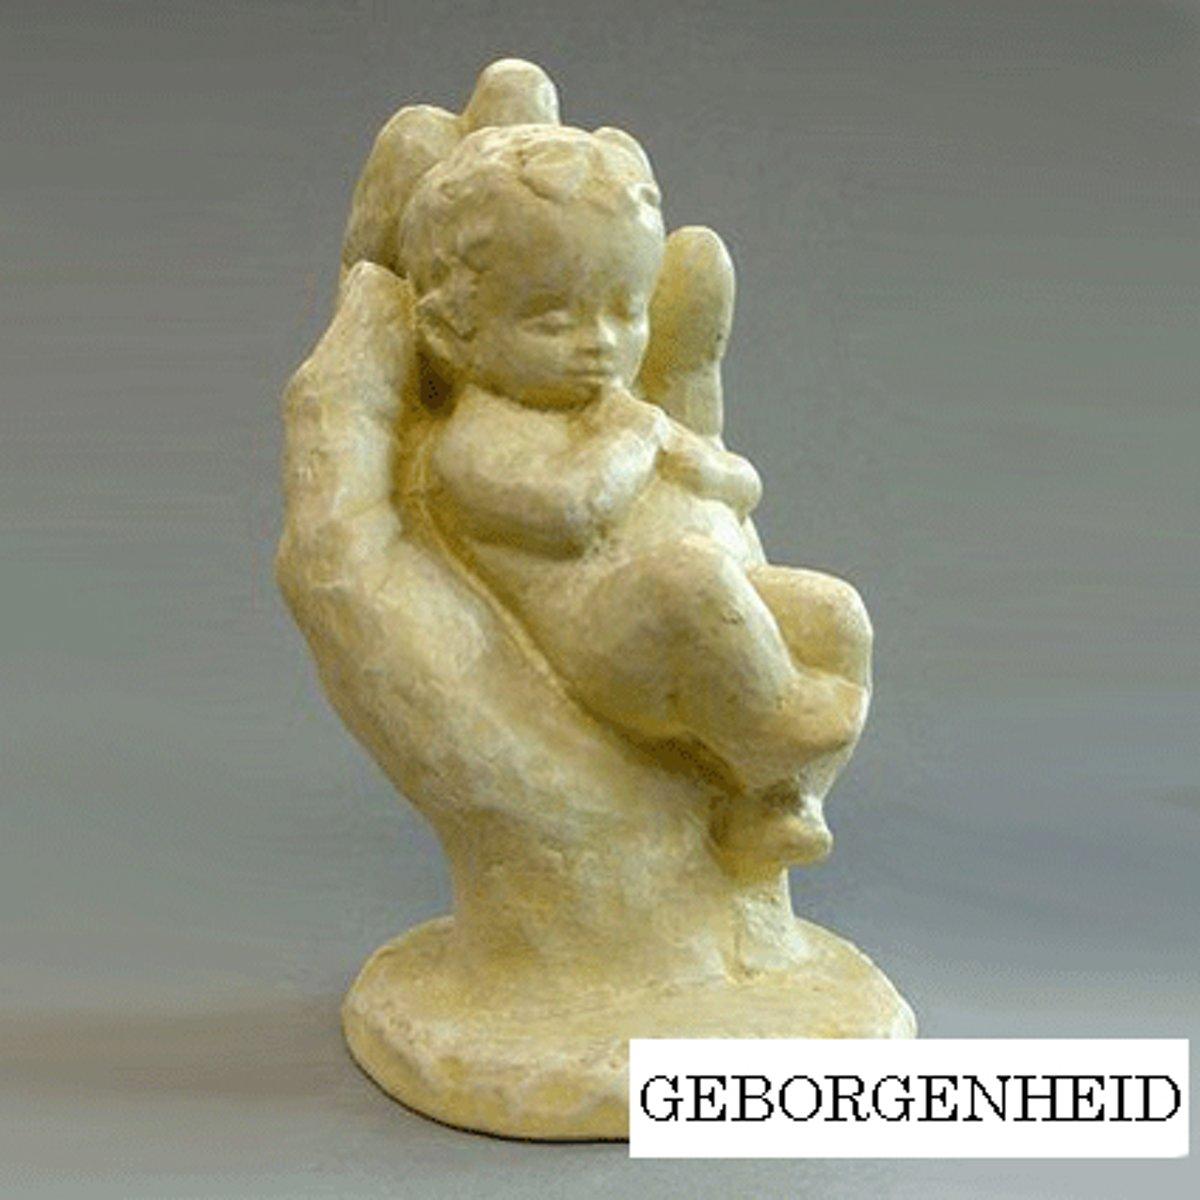 Parastone beeldje baby in hand - Geborgenheid - ivoor - 1226.50 - 5 cm hoog